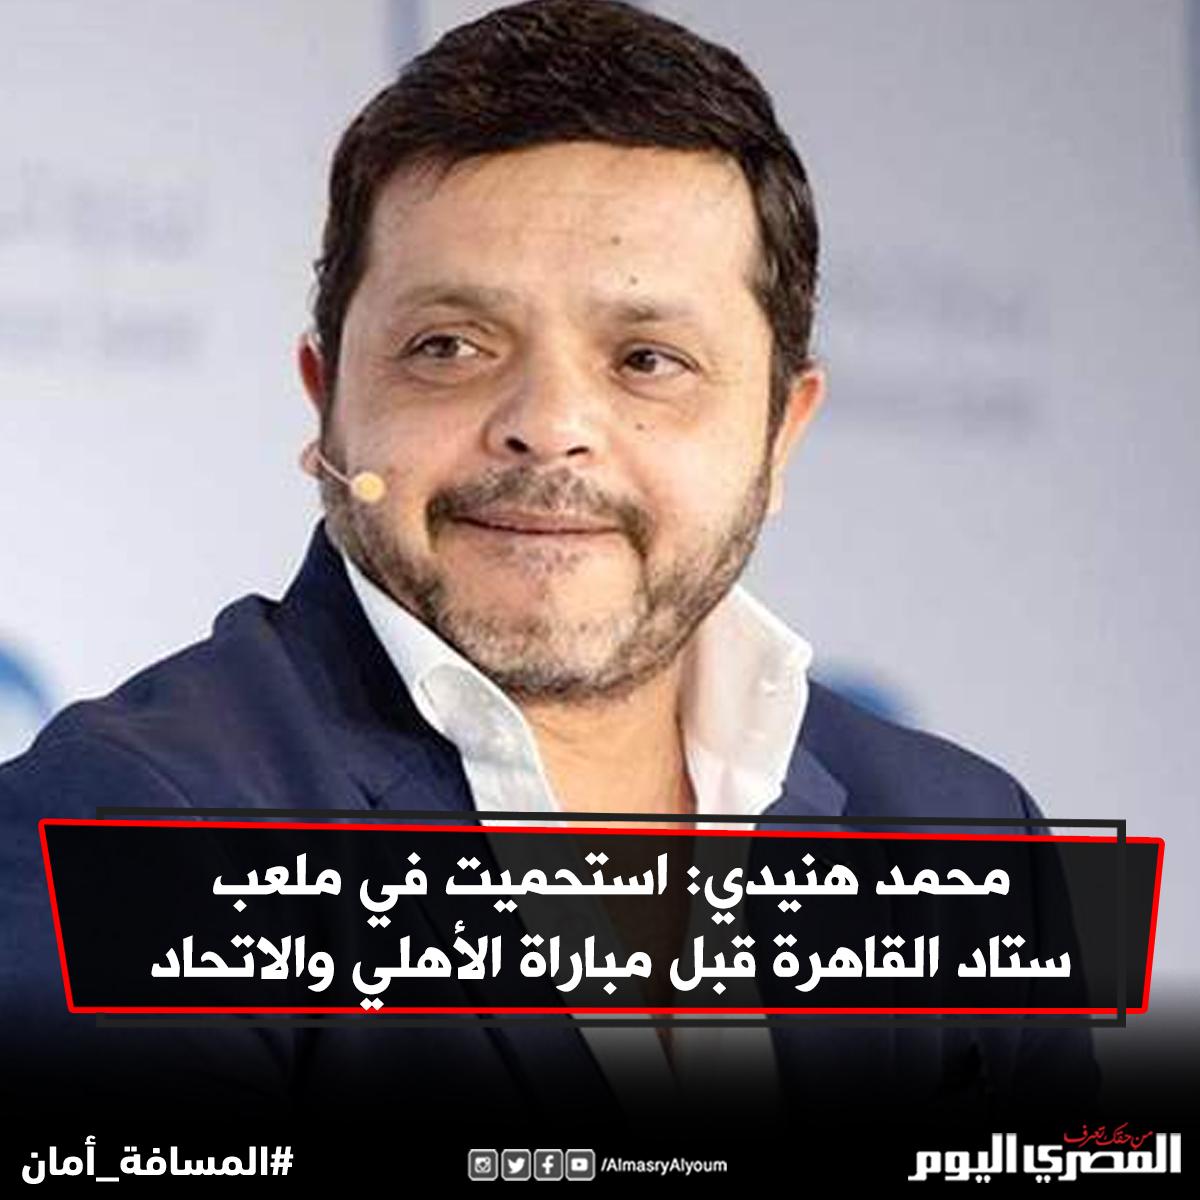 محمد هنيدي استحميت في ملعب ستاد القاهرة قبل مباراة الأهلي والاتحاد التفاصيل